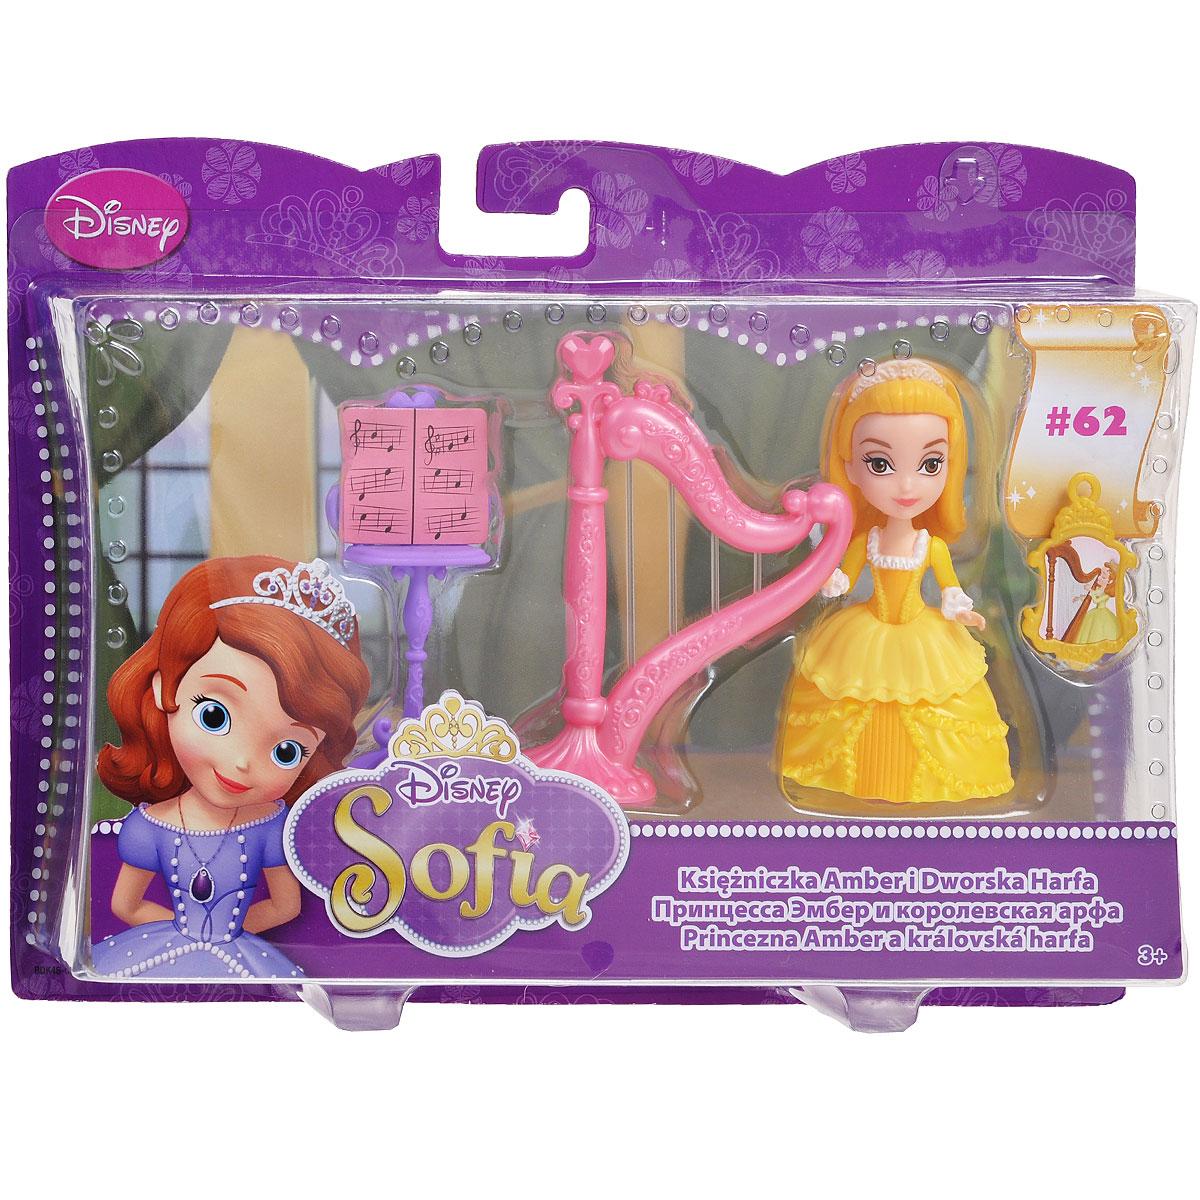 Sofia the FirstИгровой набор с мини-куклой Принцесса Эмбер и королевская арфа